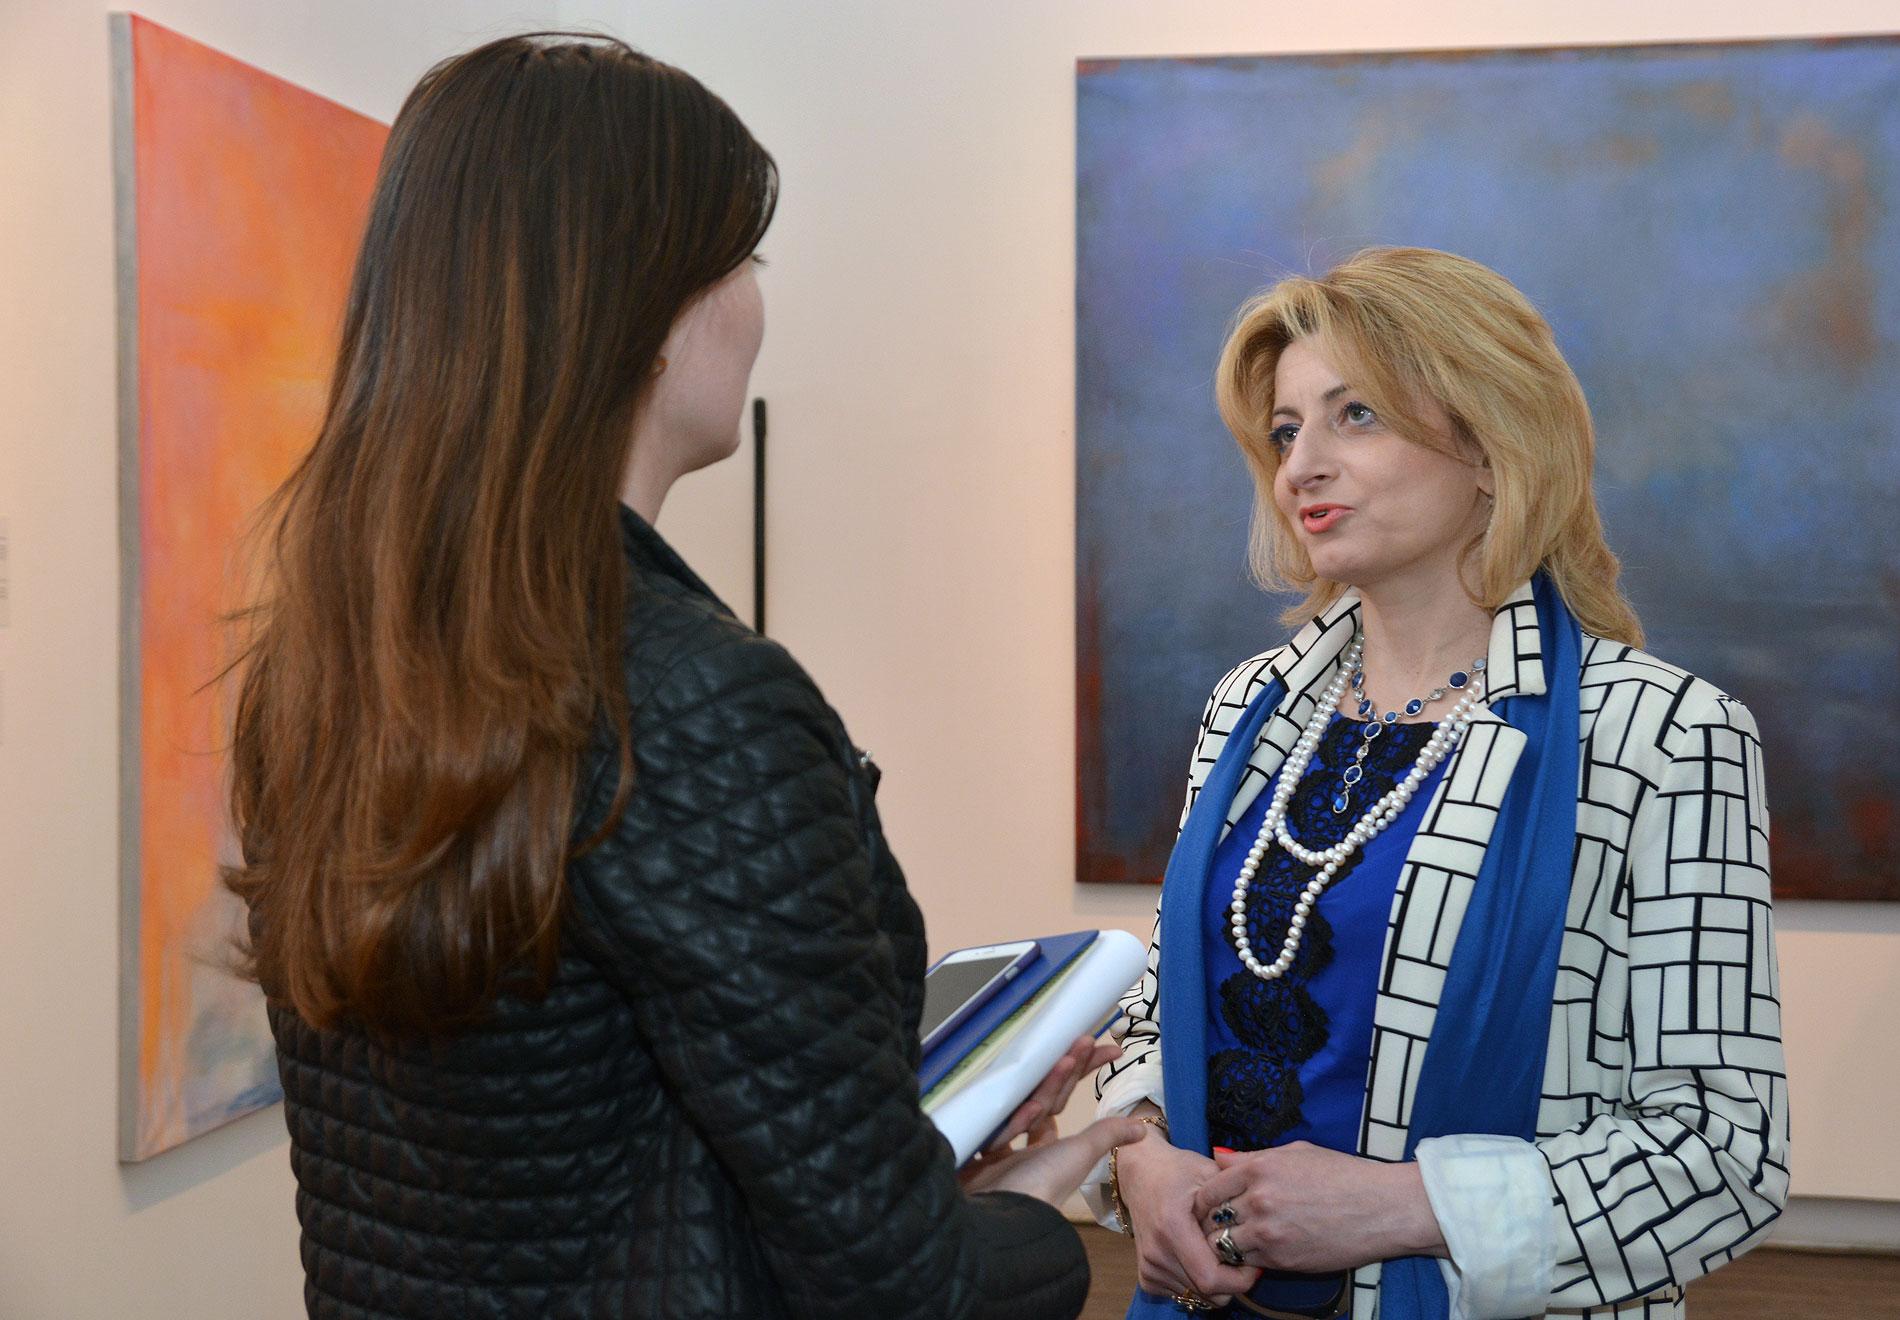 Лела Цицуашвили, куратор выставок Национального музея Грузии (фото: sova.news)